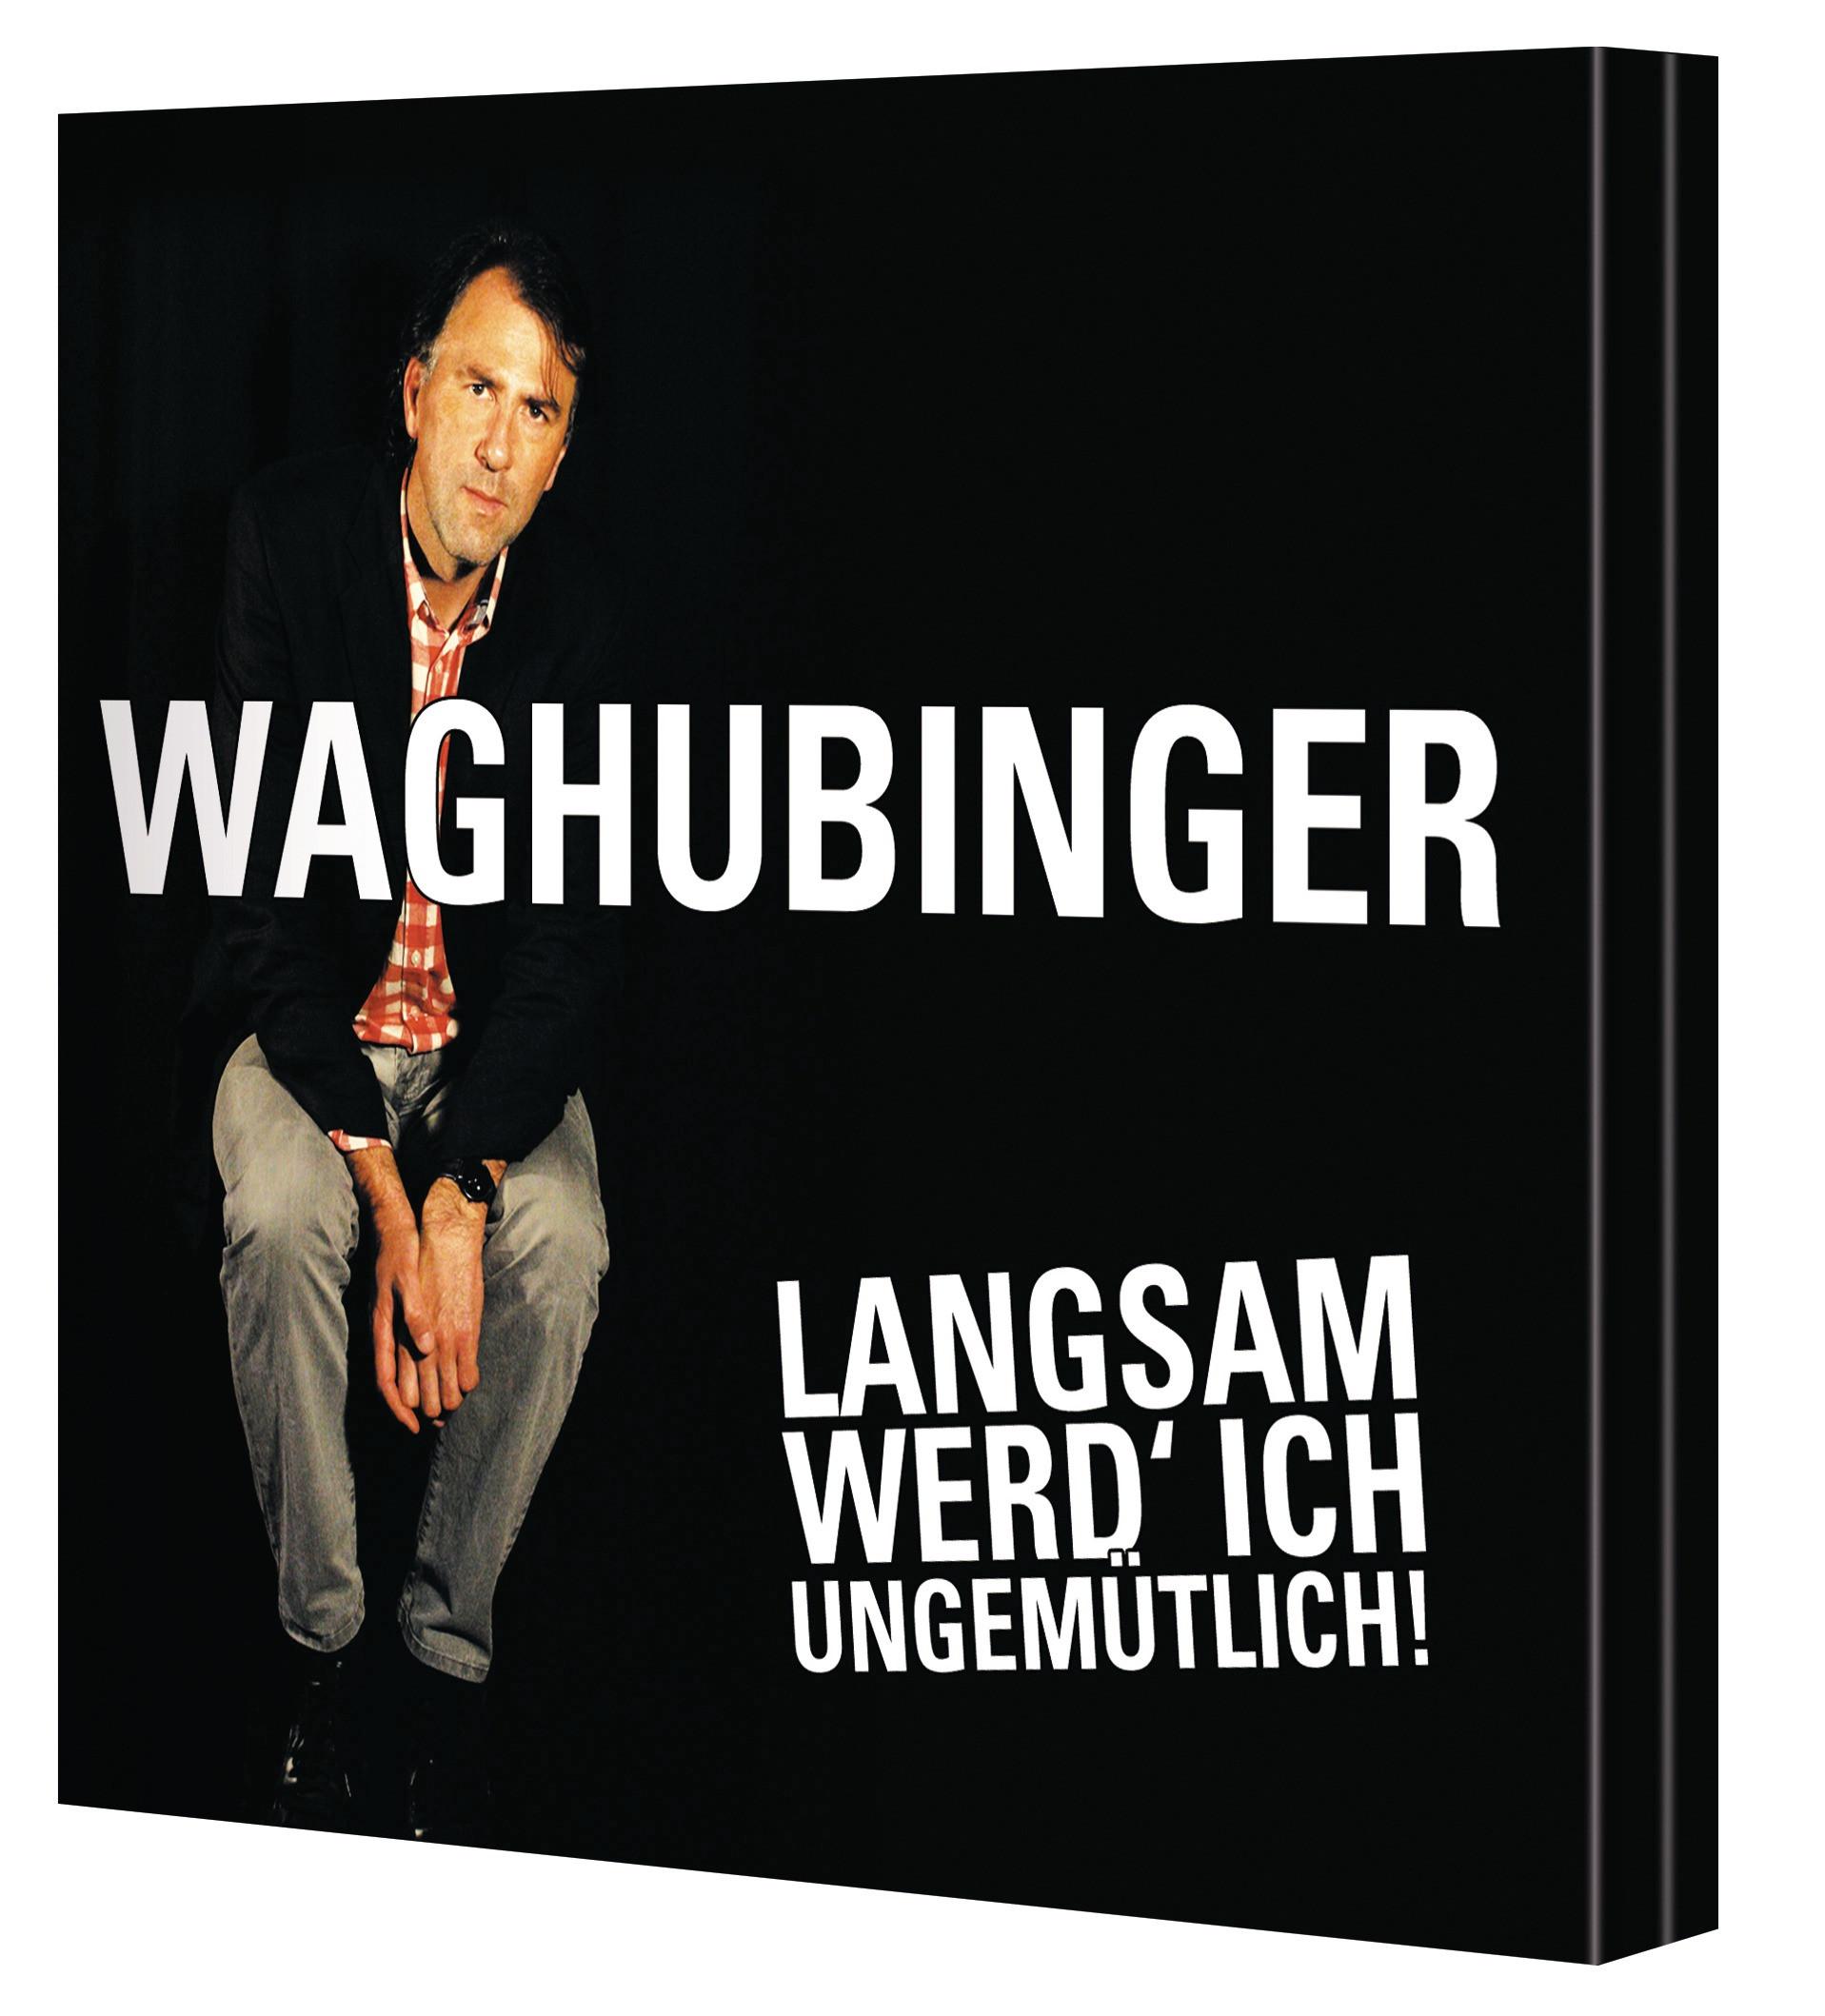 Stefan Waghubinger - Langsam werd' ich ungemütlich